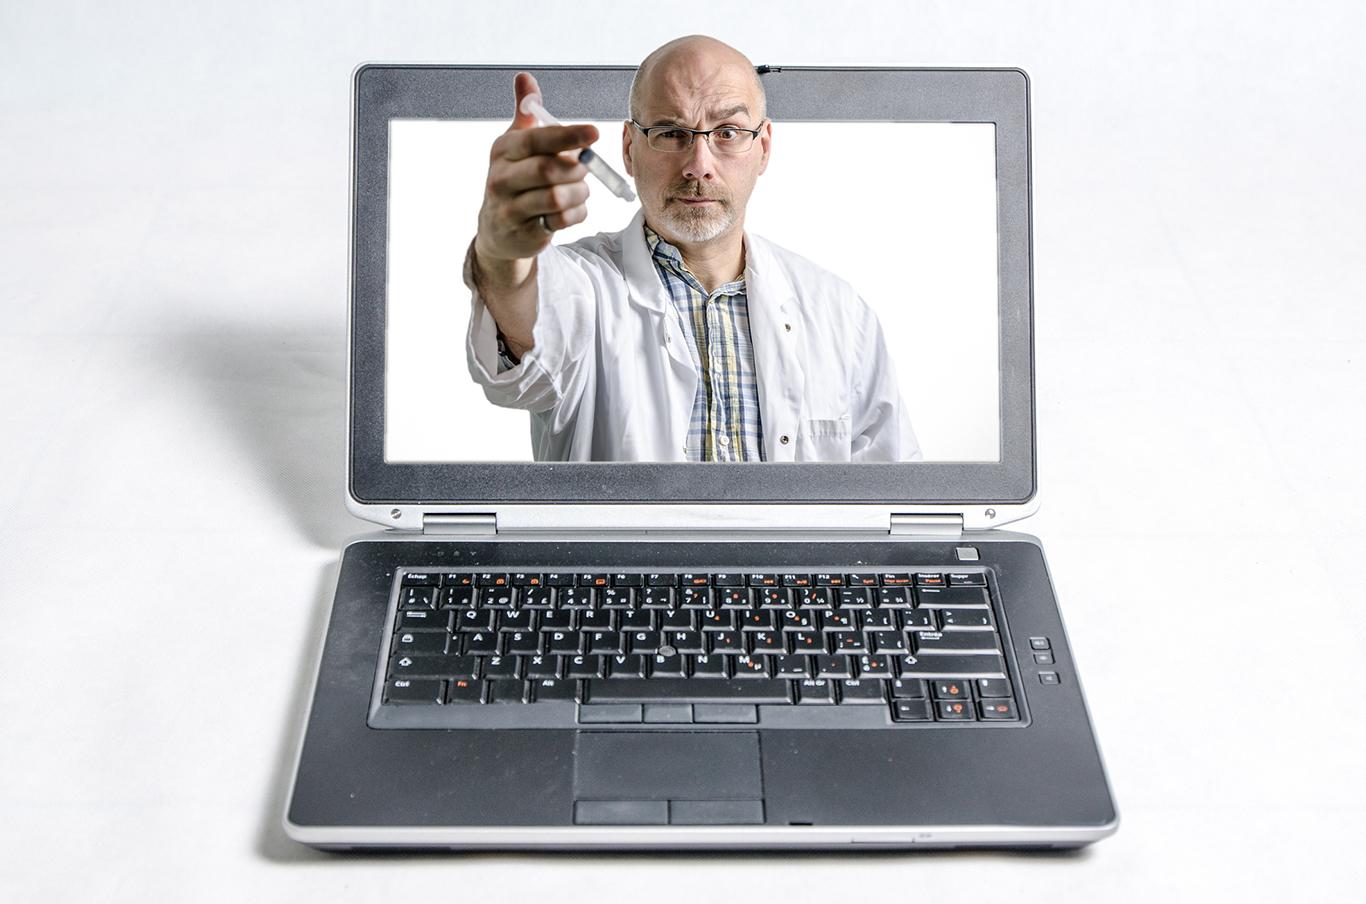 Вакцина от лжи. Как онлайн-игры могут защитить от дезинформации в Сети